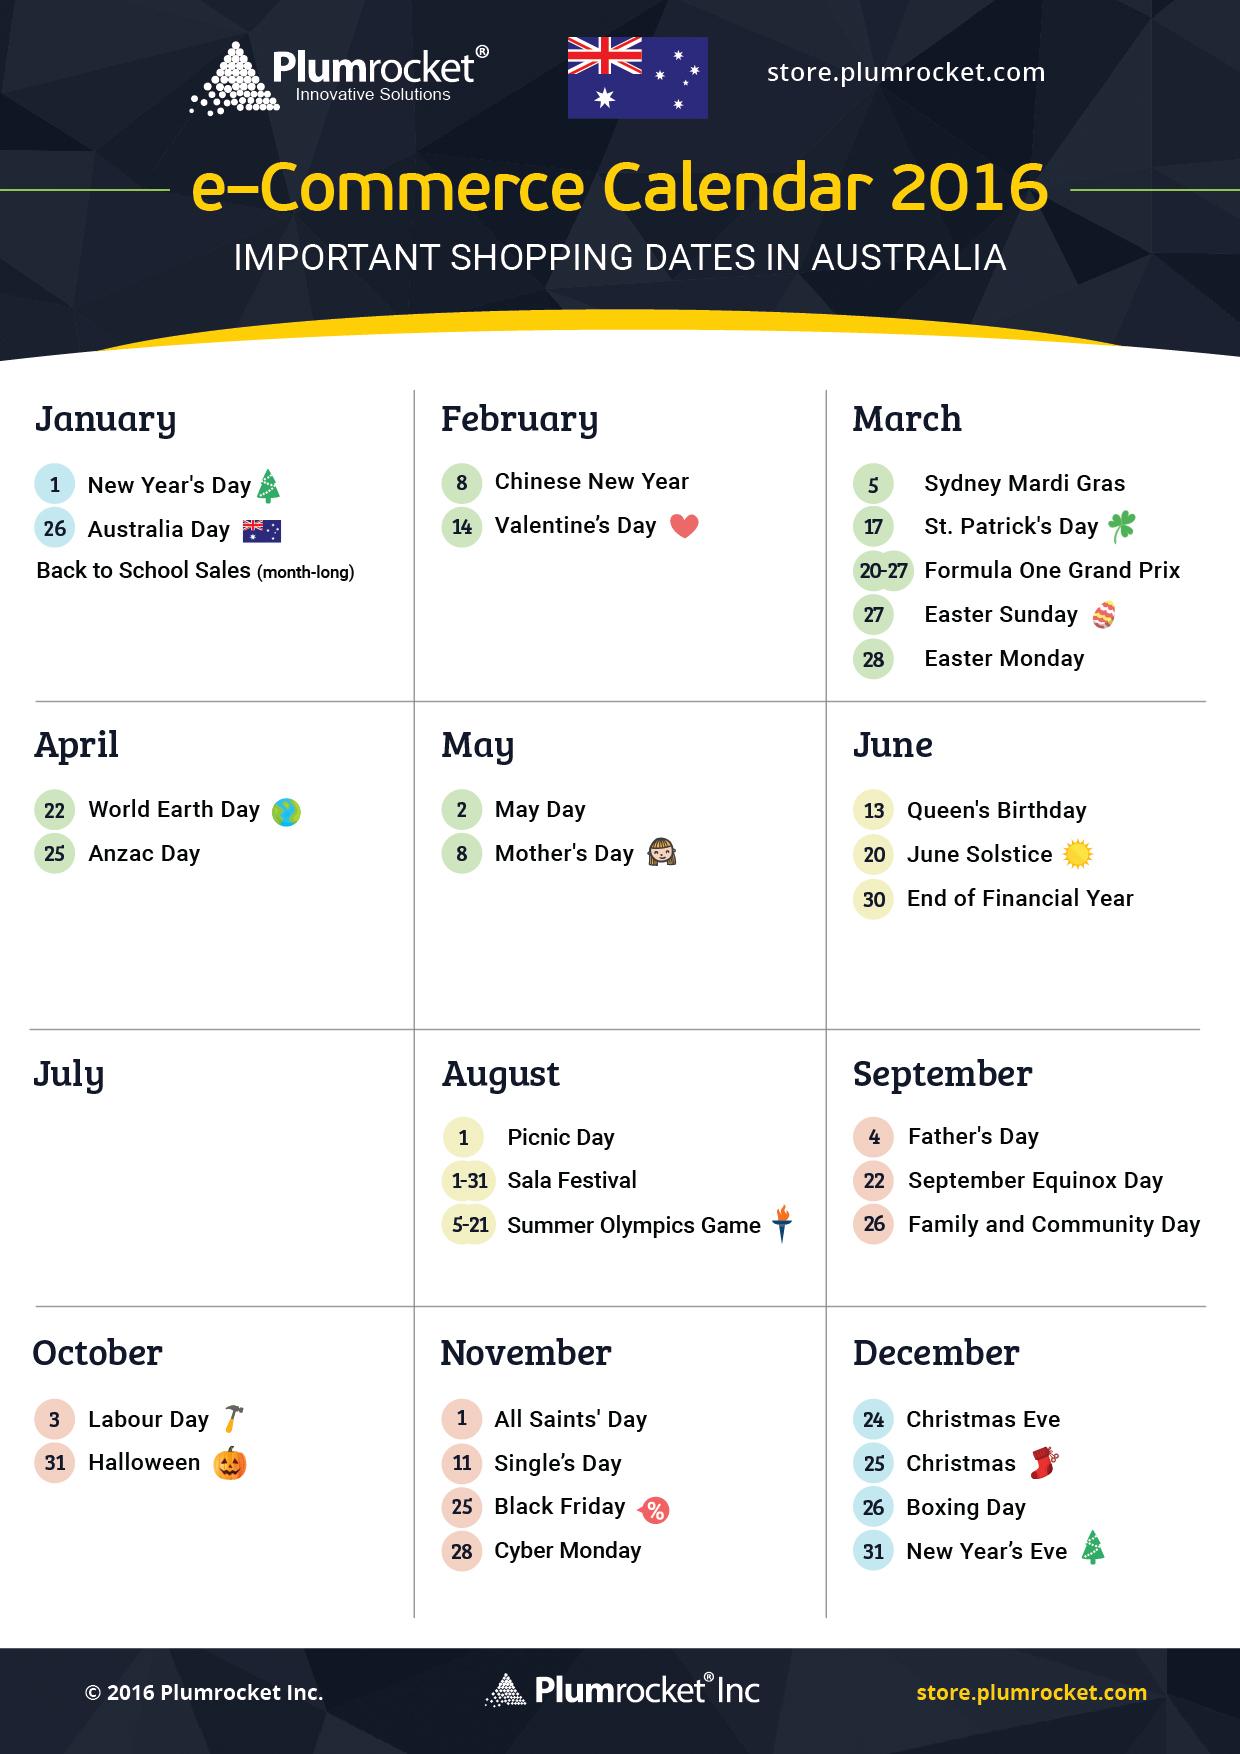 ecommerce-calendar-australia-2016-by-Plumrocket